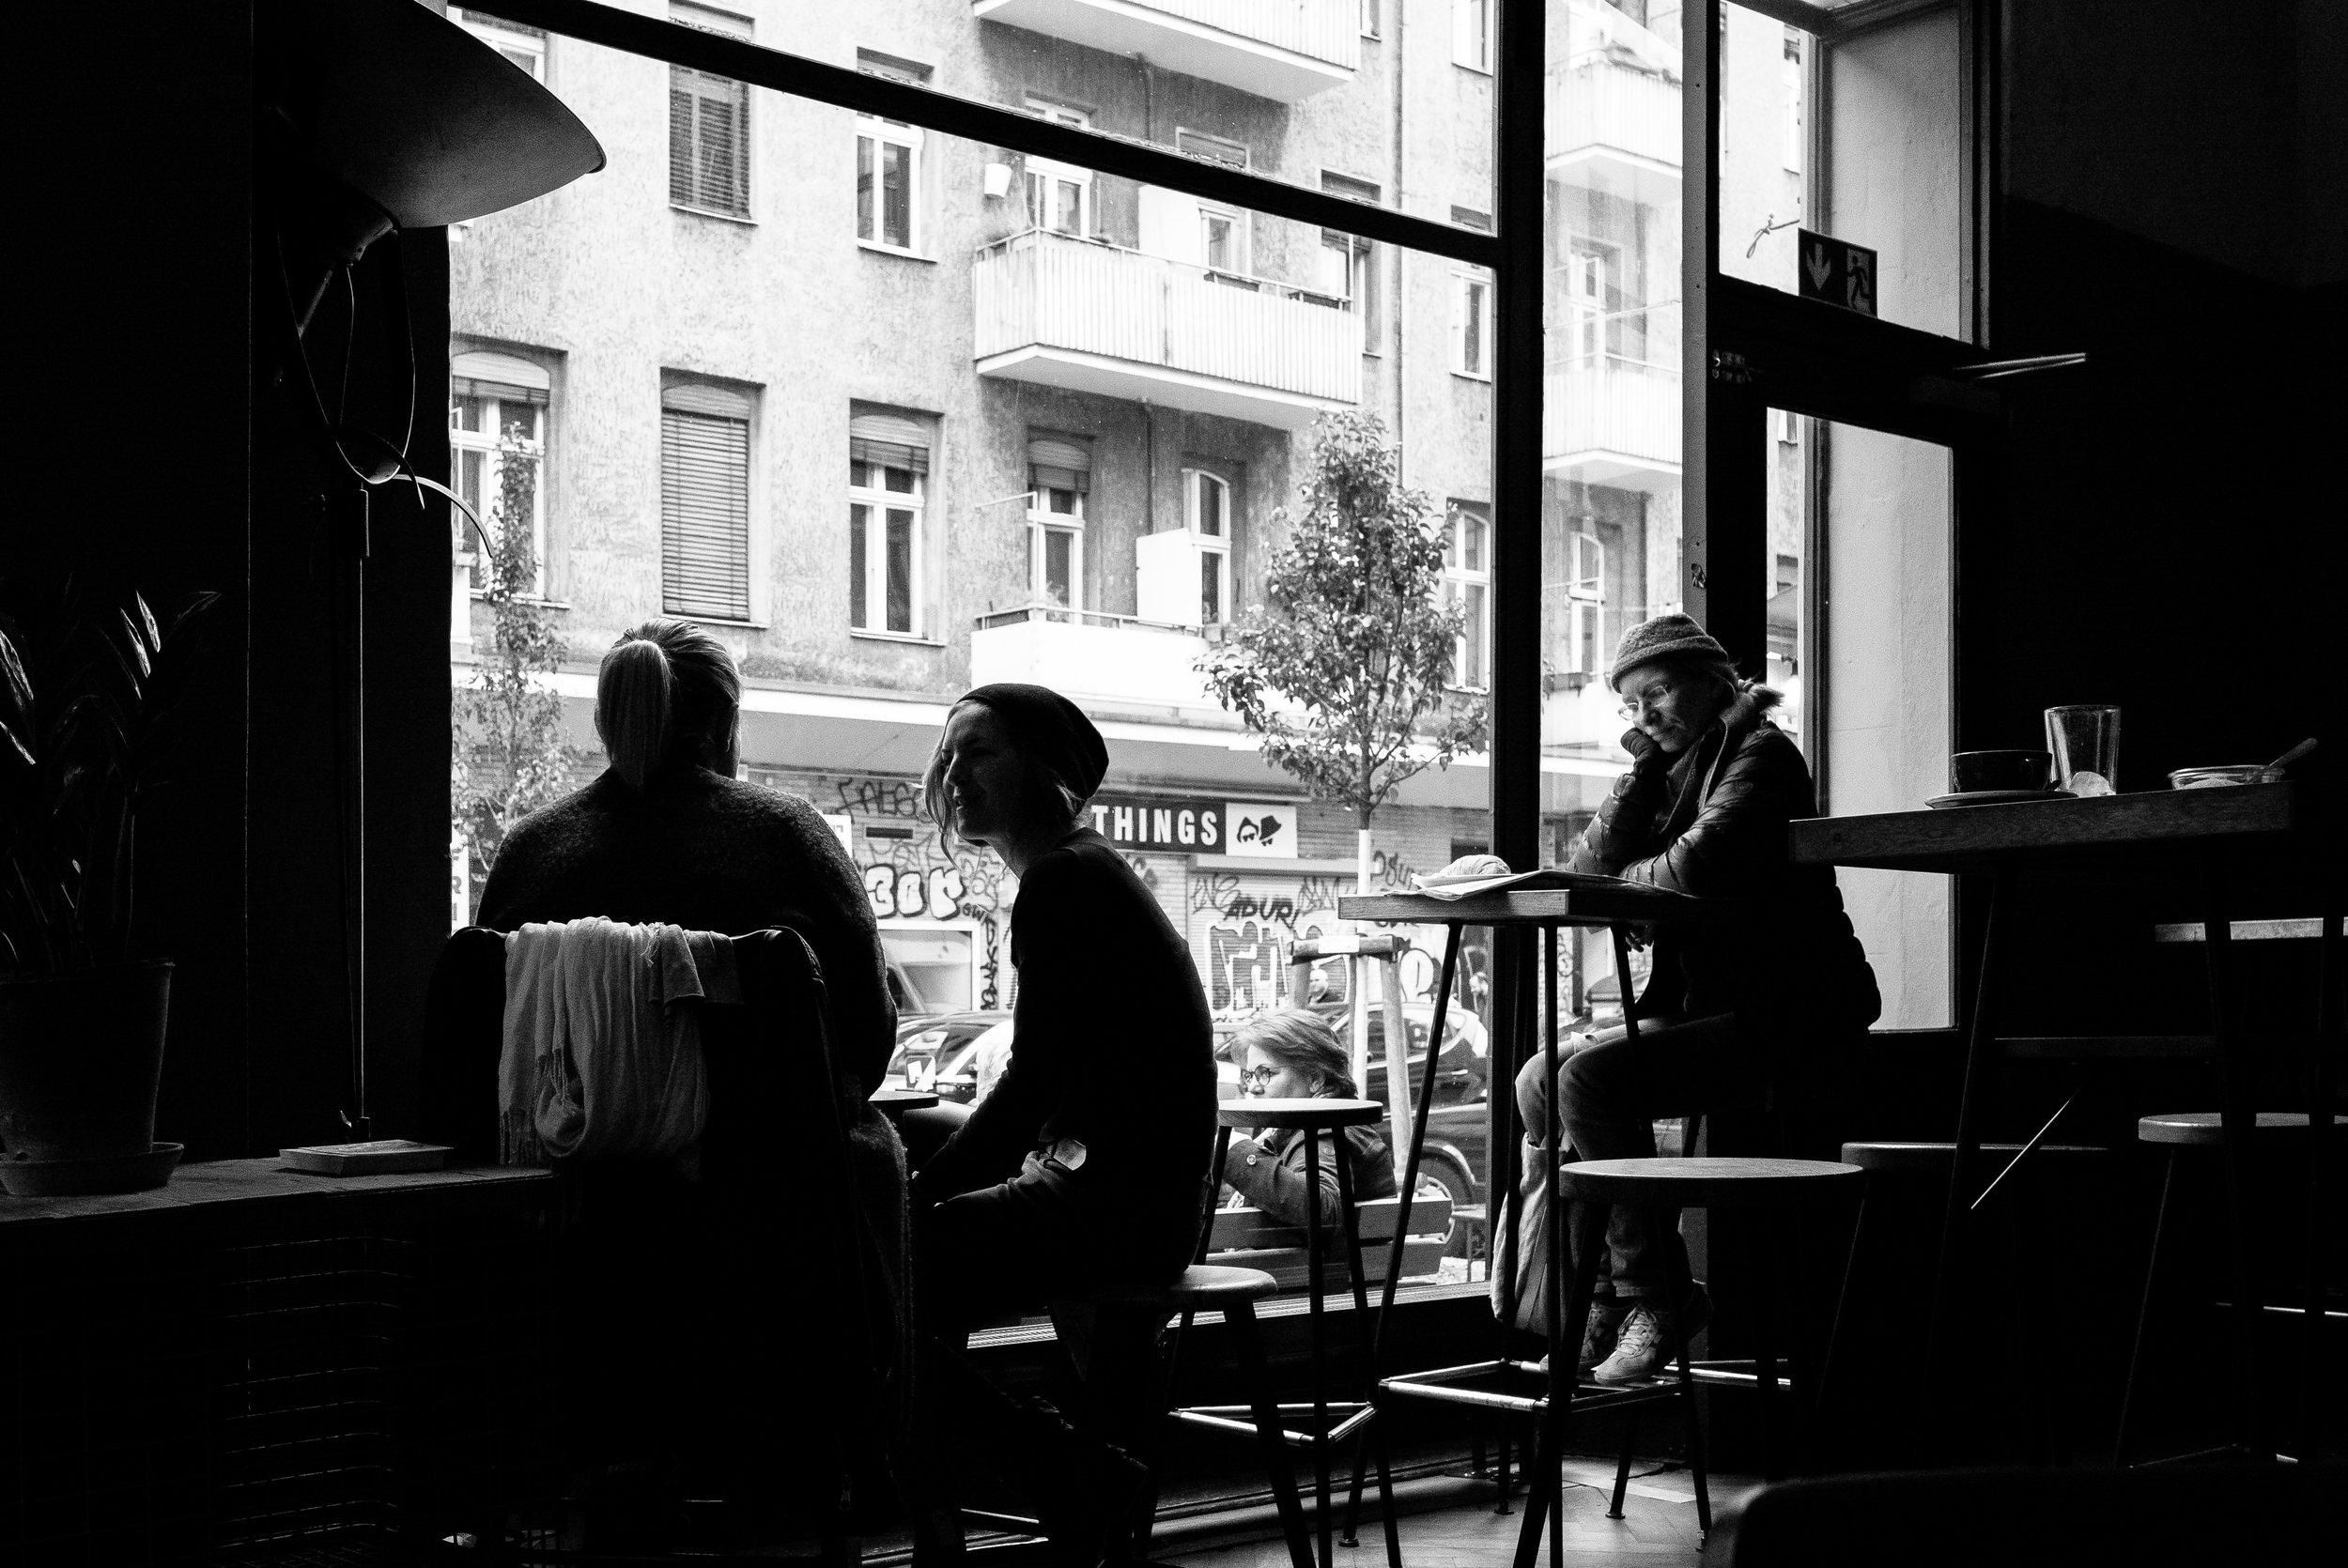 Café 9, Berlin. Germany. 2019.